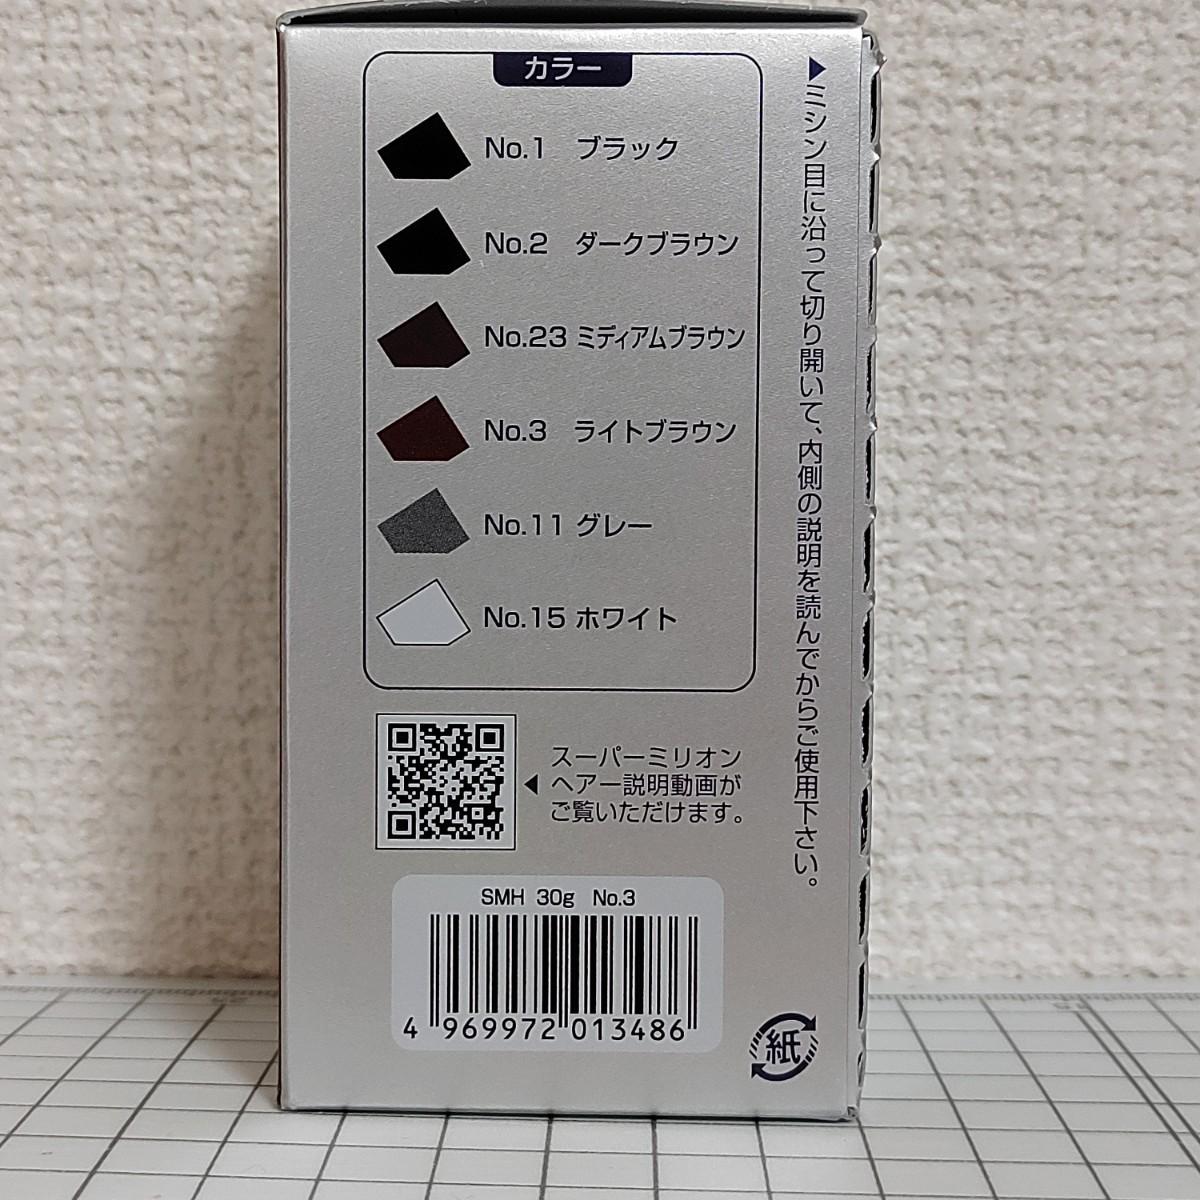 スーパーミリオンヘアー ライトブラウン 30g 5箱 新品・未開封